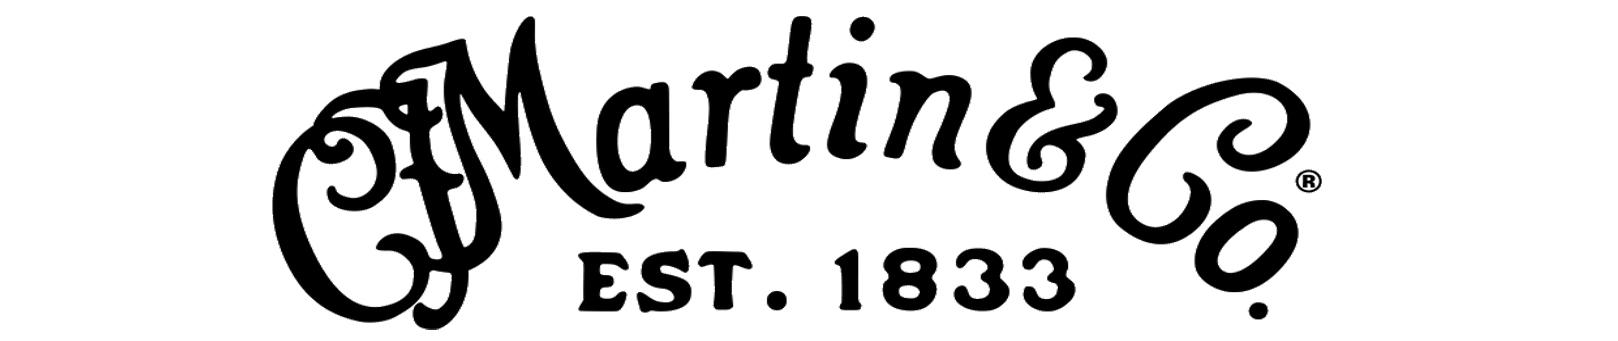 Martin&Co